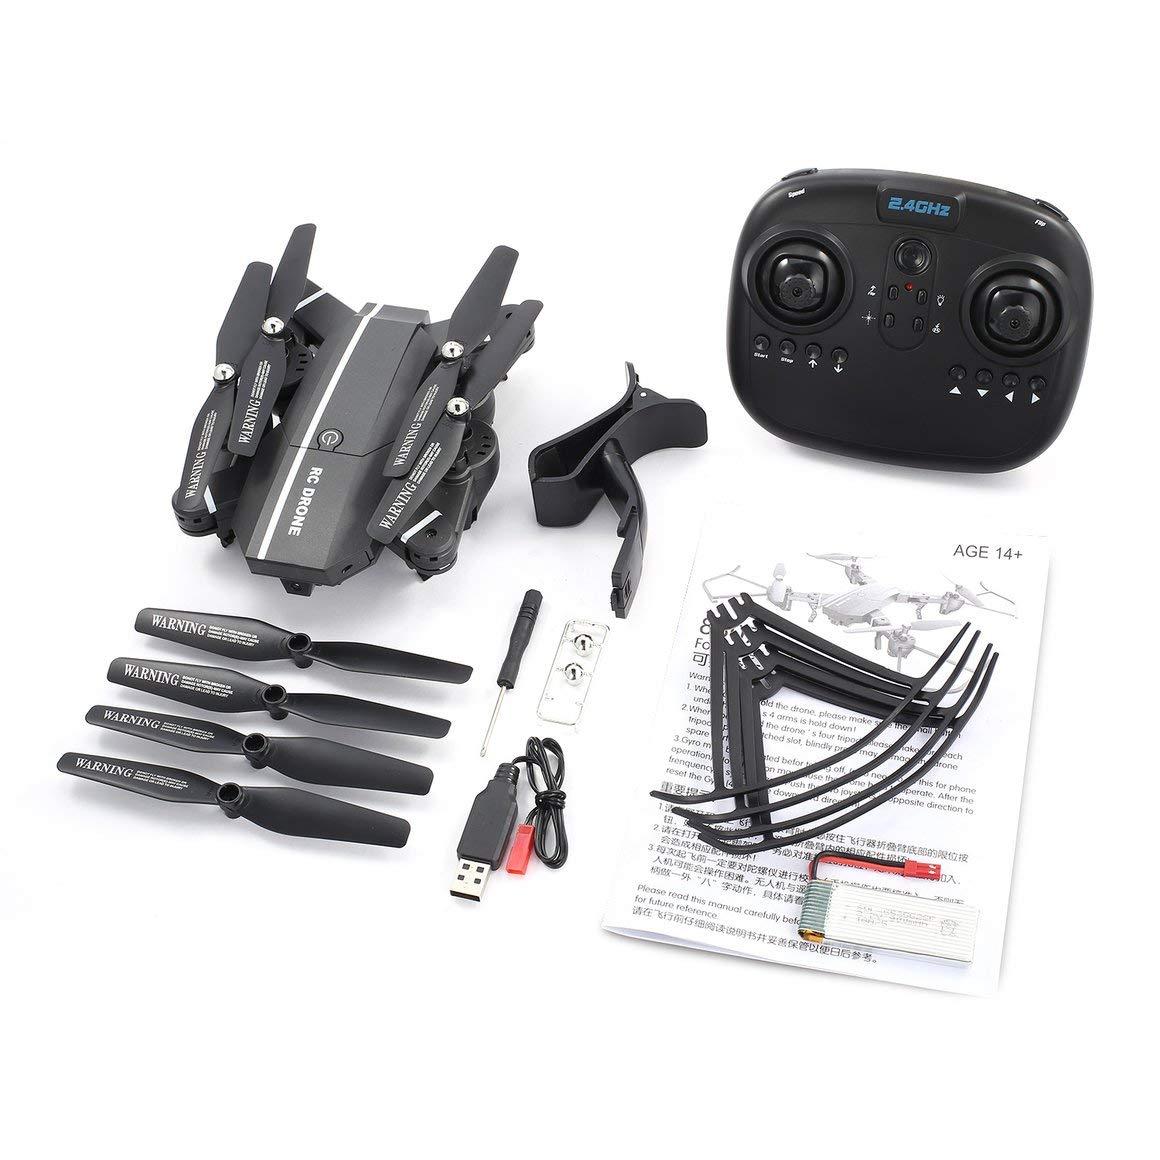 Funnyrunstore 8807W FPV Pliable Drone Selfie RC Quadricoptère 4ch avec WiFi Caméra Live Altitude Tenir en Mode sans Tête 360 ° Flips RTF